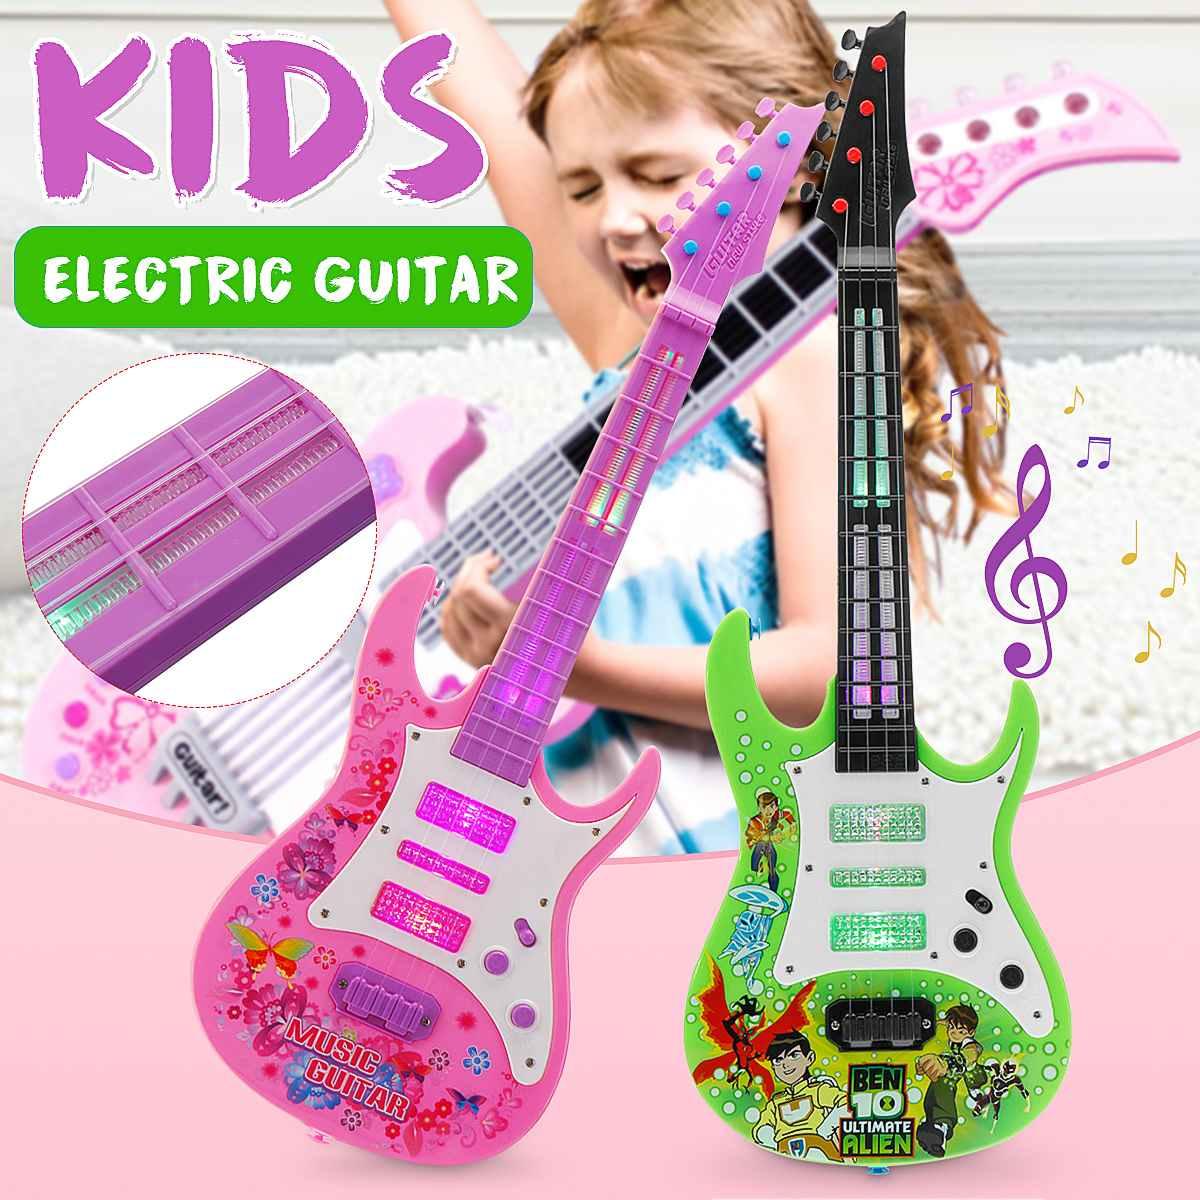 4 строки Музыка электрогитары Высокое качество детский саксофон музыкальные инструменты Развивающие игрушки для детей, подарок Игрушечные музыкальные инструменты      АлиЭкспресс